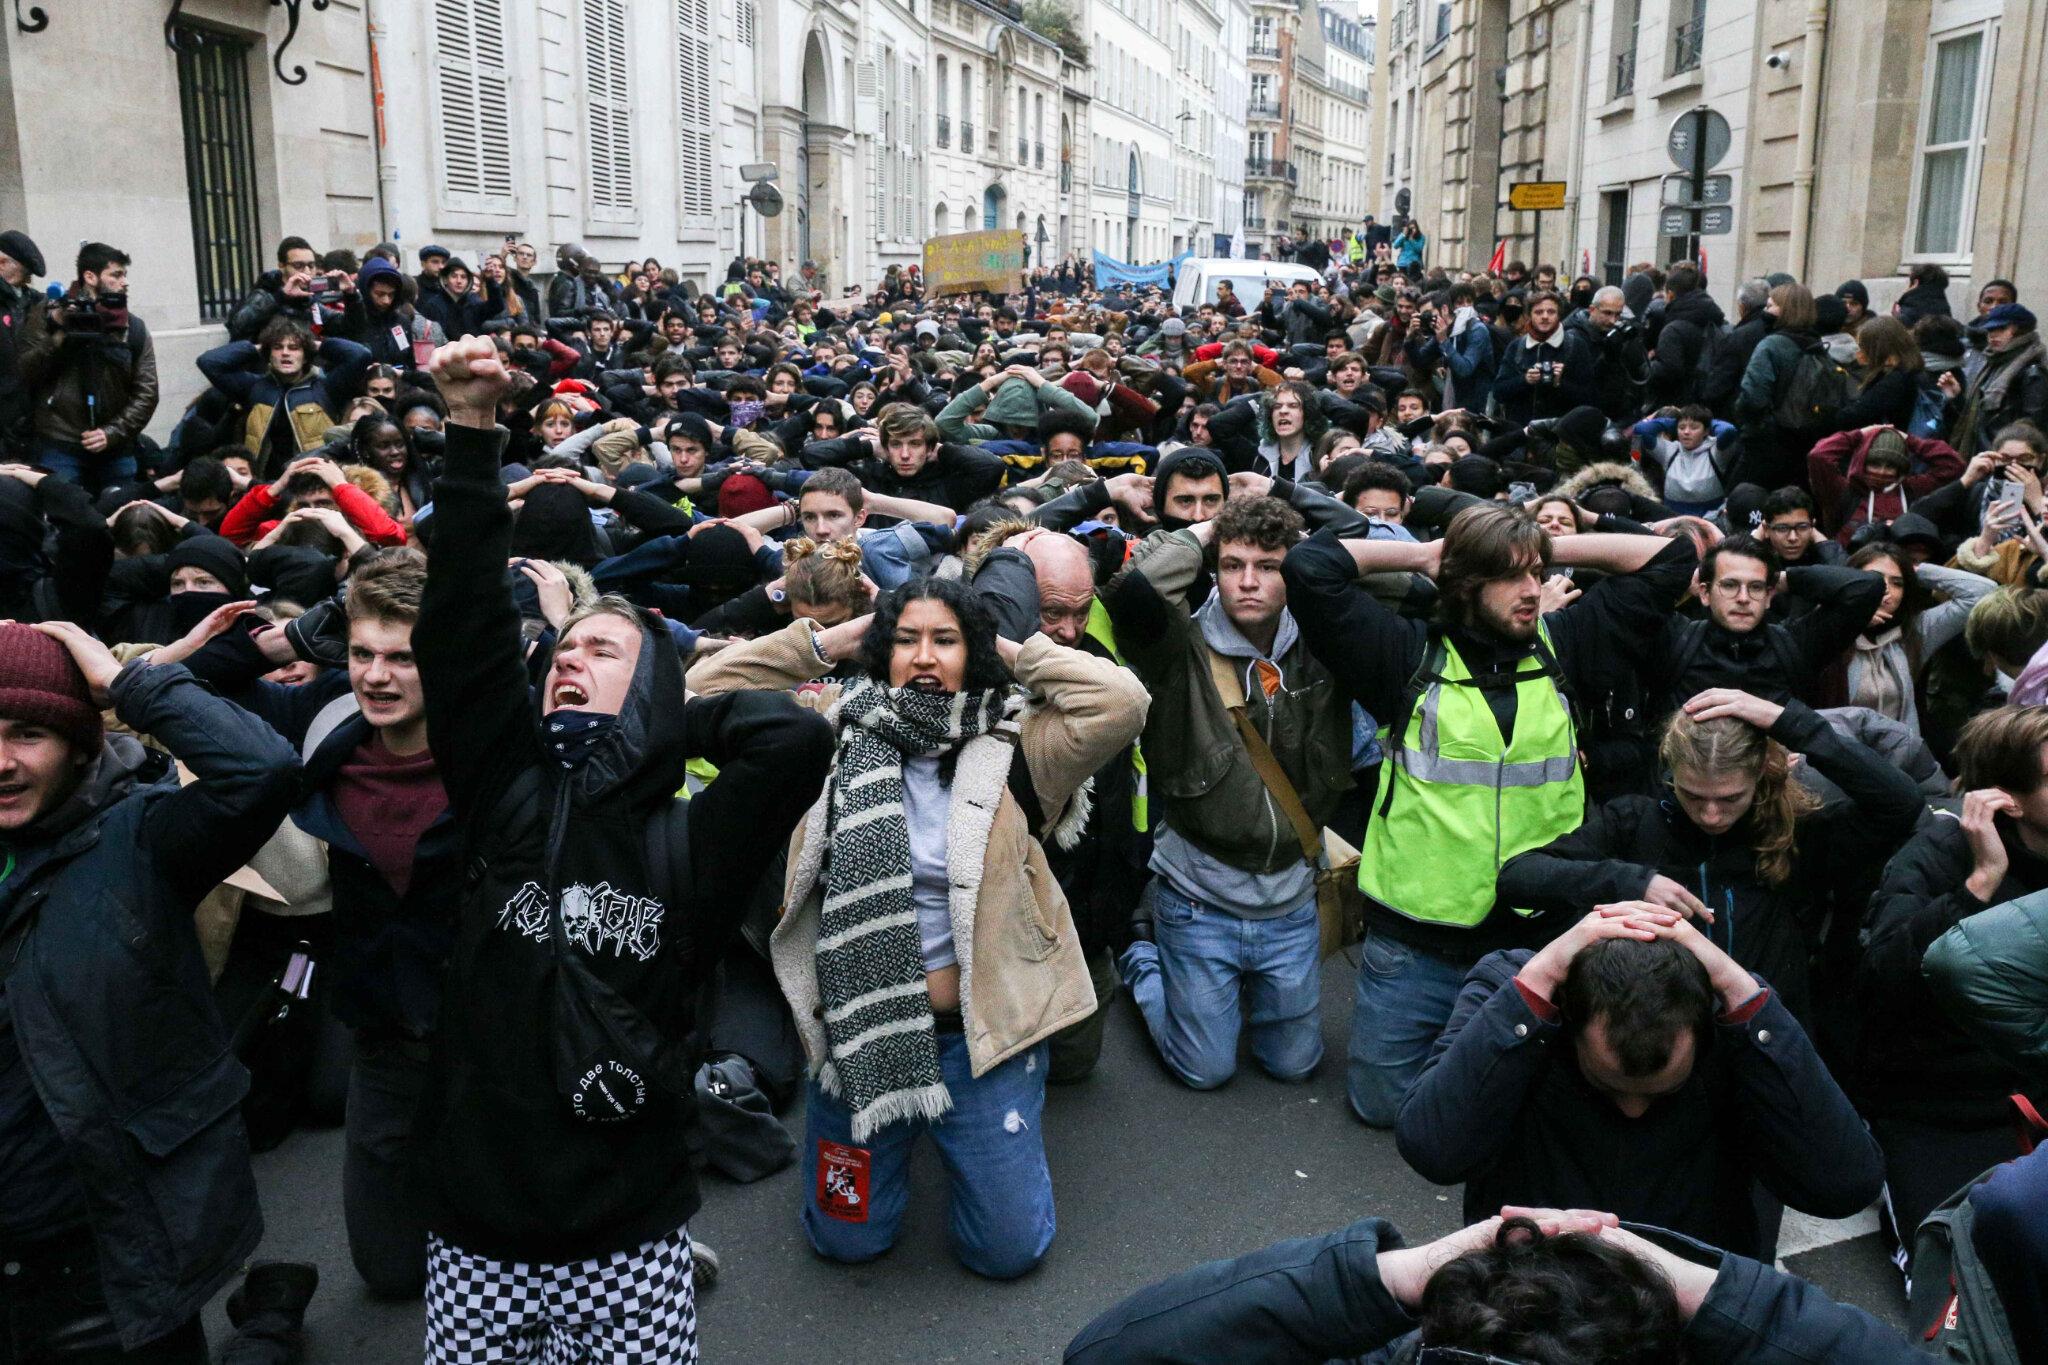 Étudiants et lycéens à genoux en solidarité avec les jeunes de Mantes-la-Jolie. © Michel Stoupak. Mar 11.12.2018, 14h25m27.